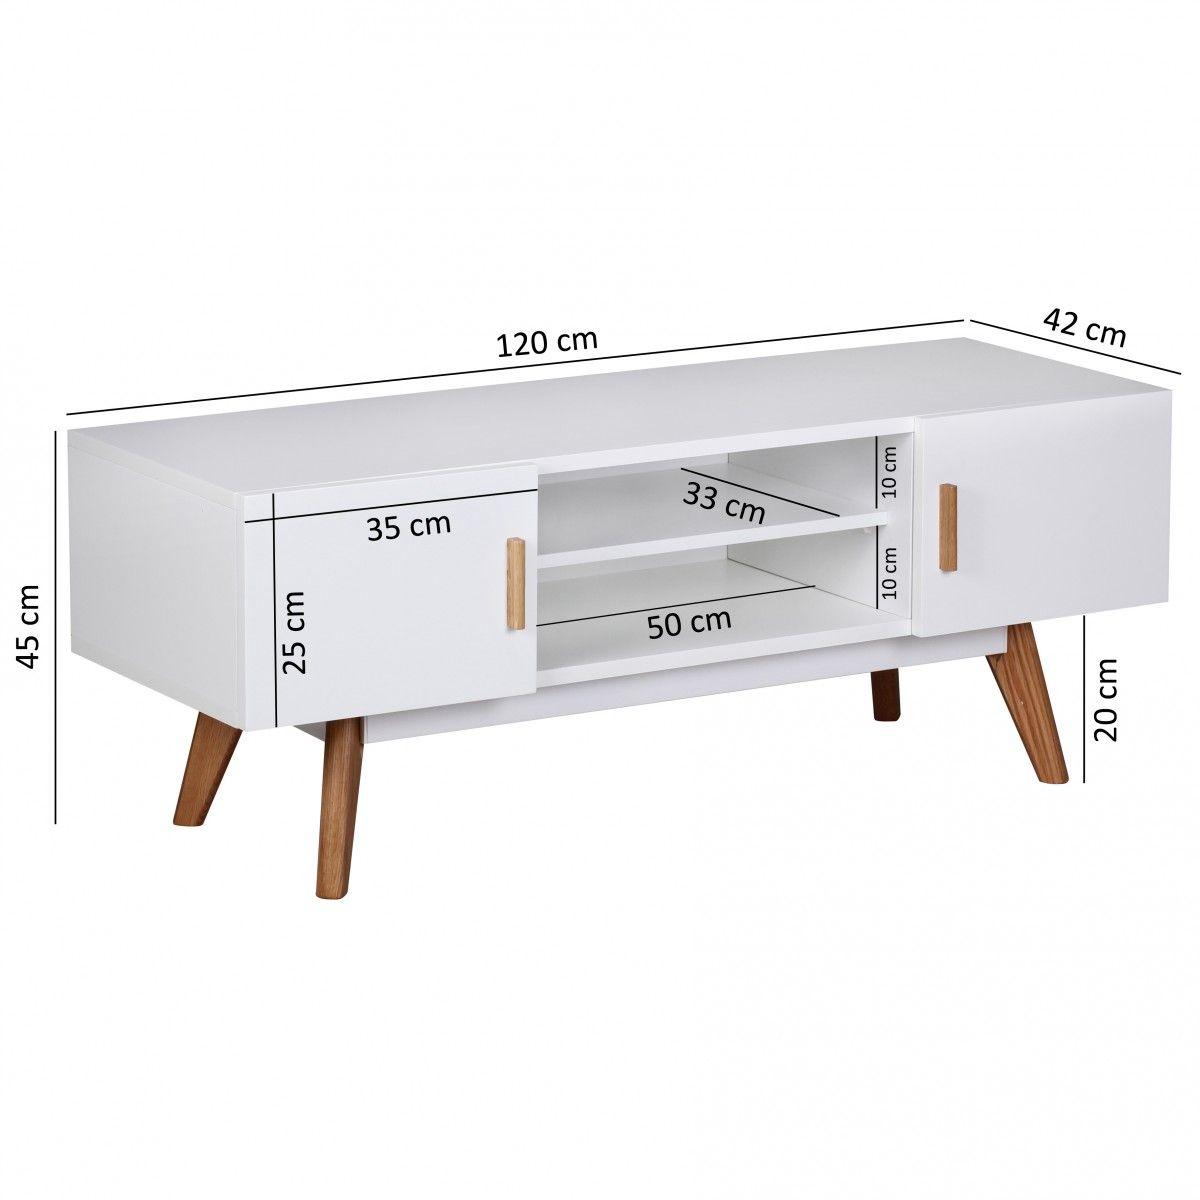 tv board schrank alva weiß matt füsse eiche 120x42 cm - kaufen bei